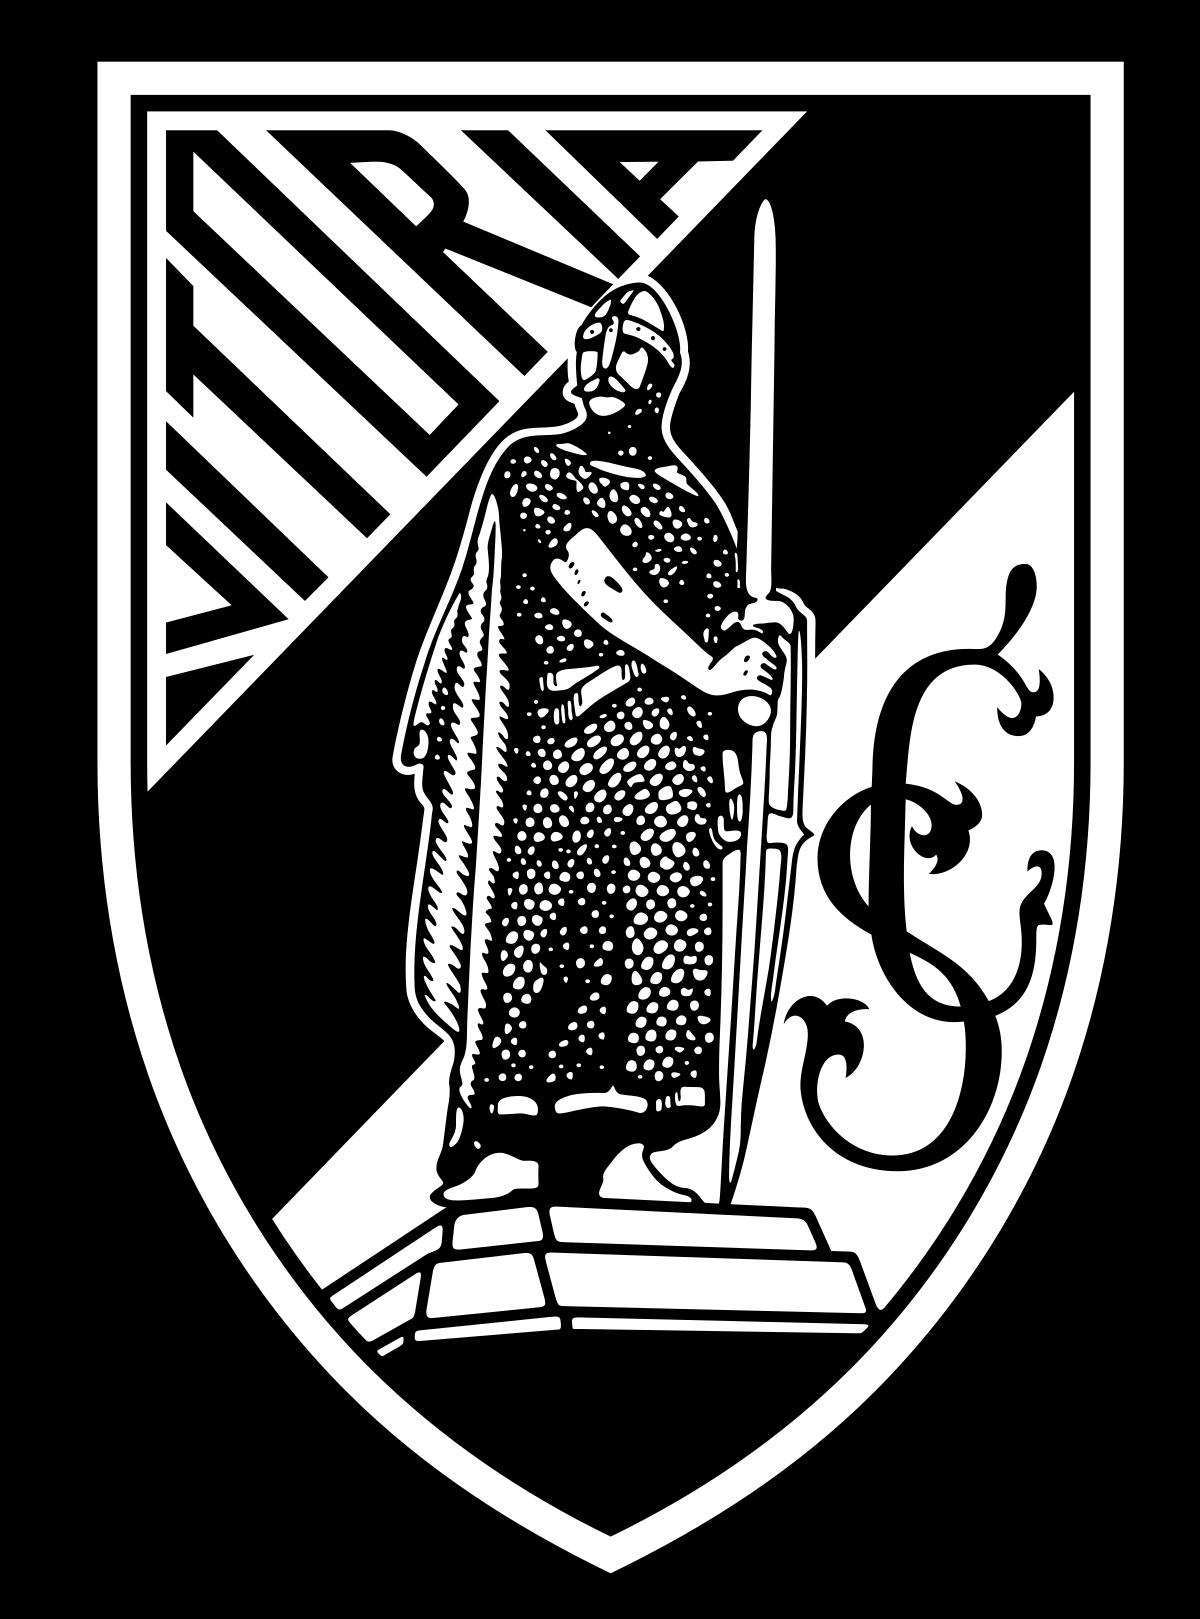 Guimaraes U-23 logo